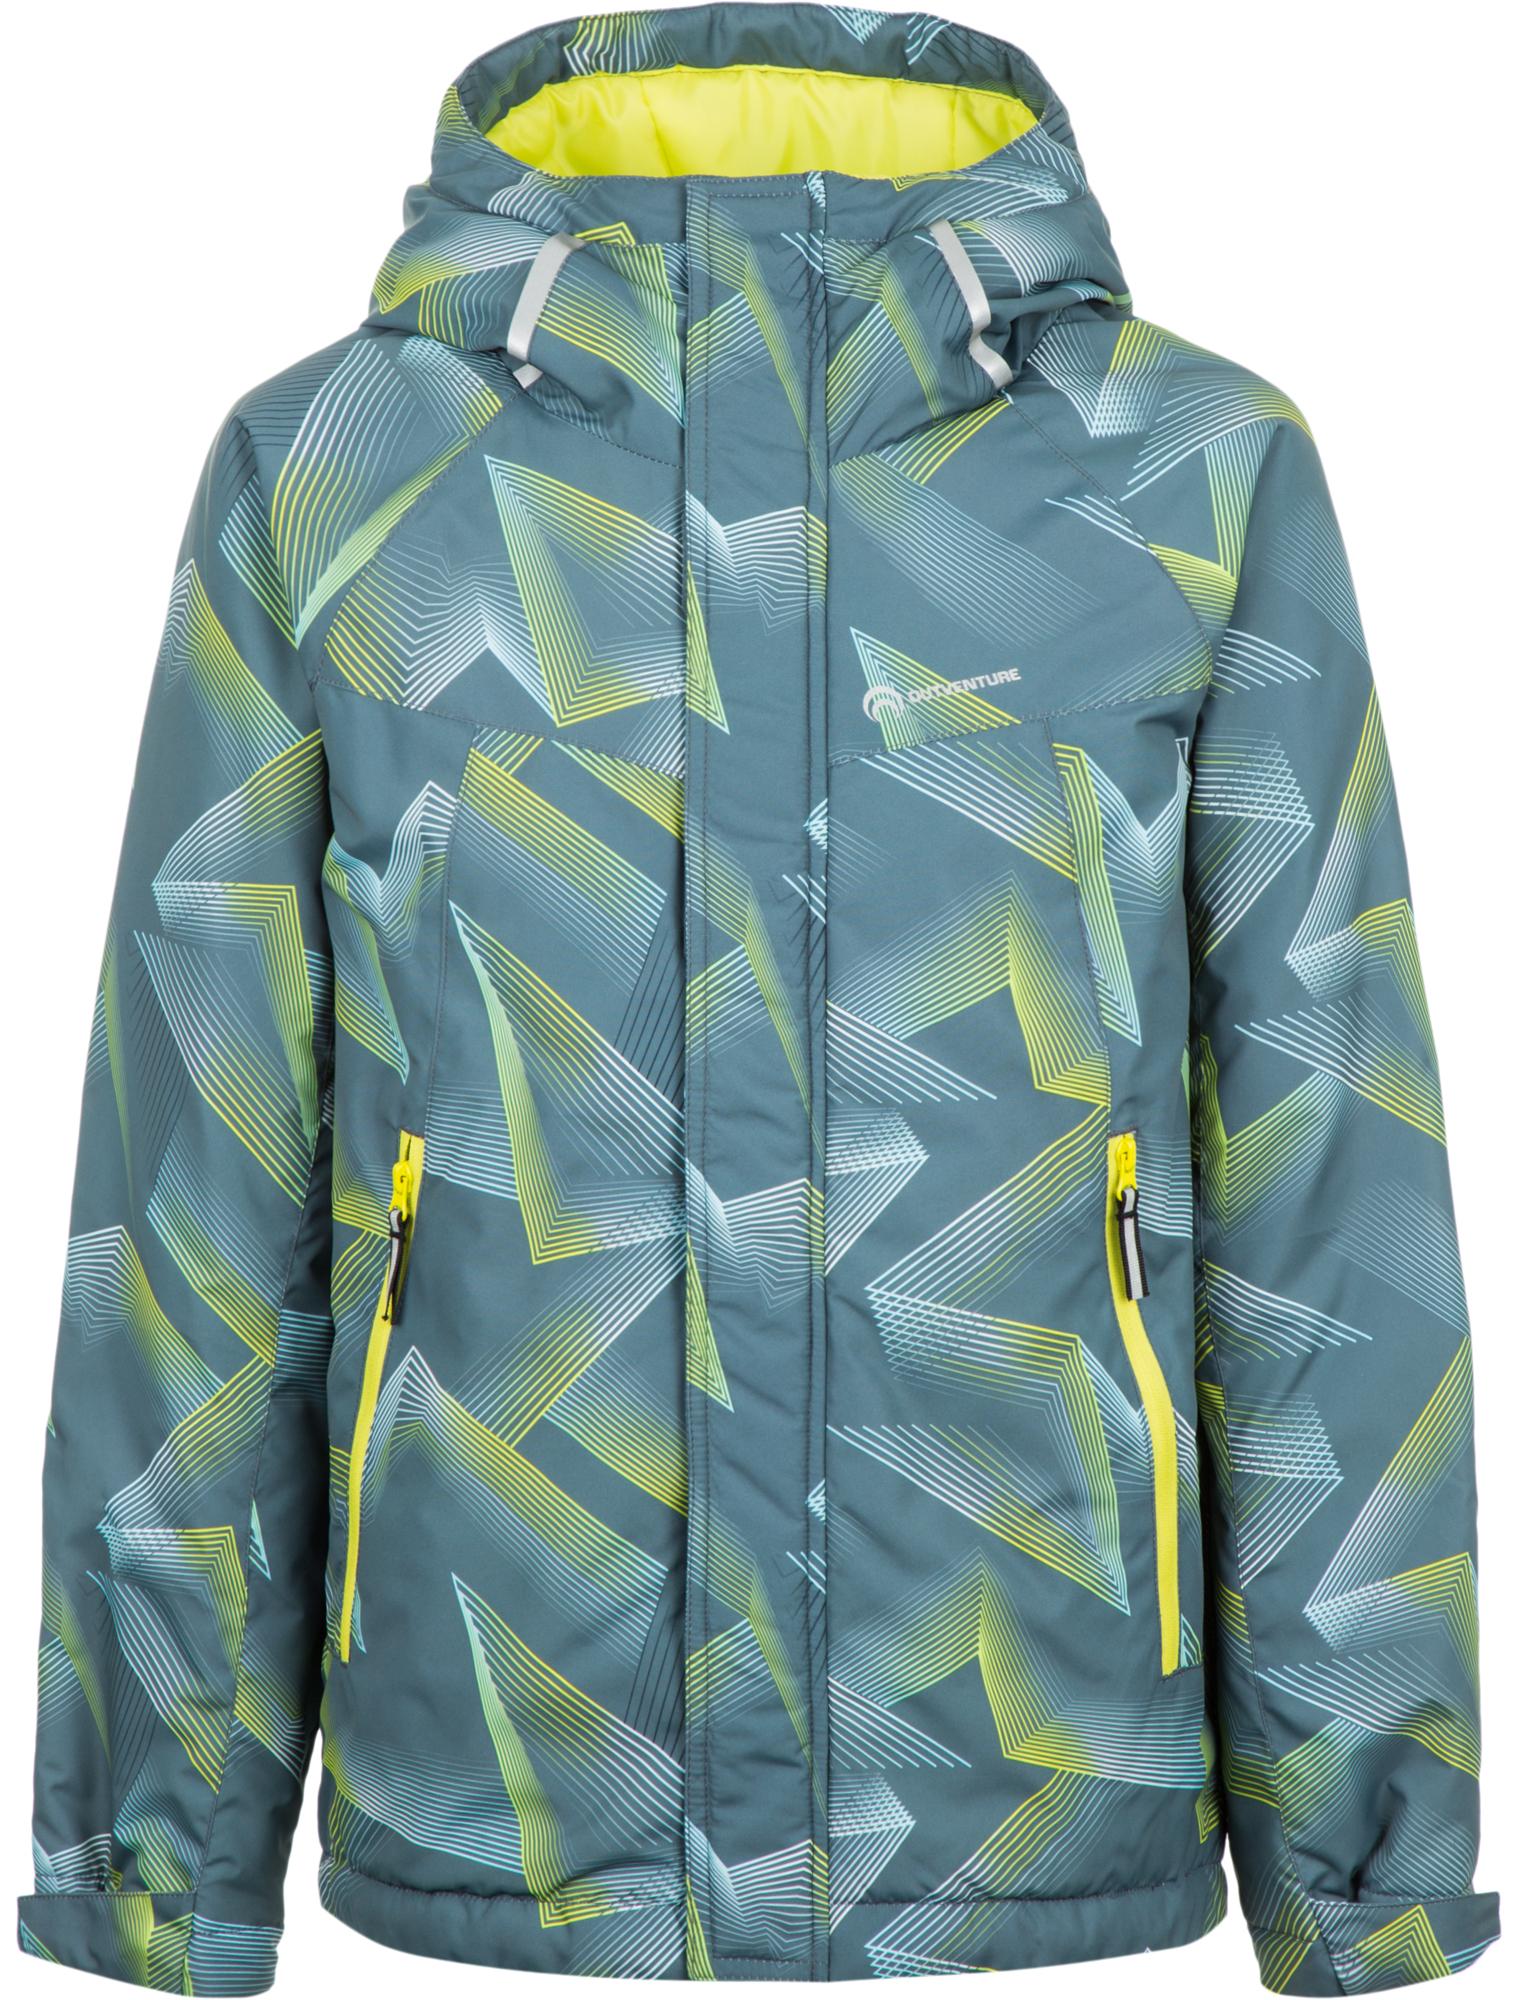 Outventure Куртка утепленная для мальчиков Outventure, размер 158 prada утепленная куртка на молнии